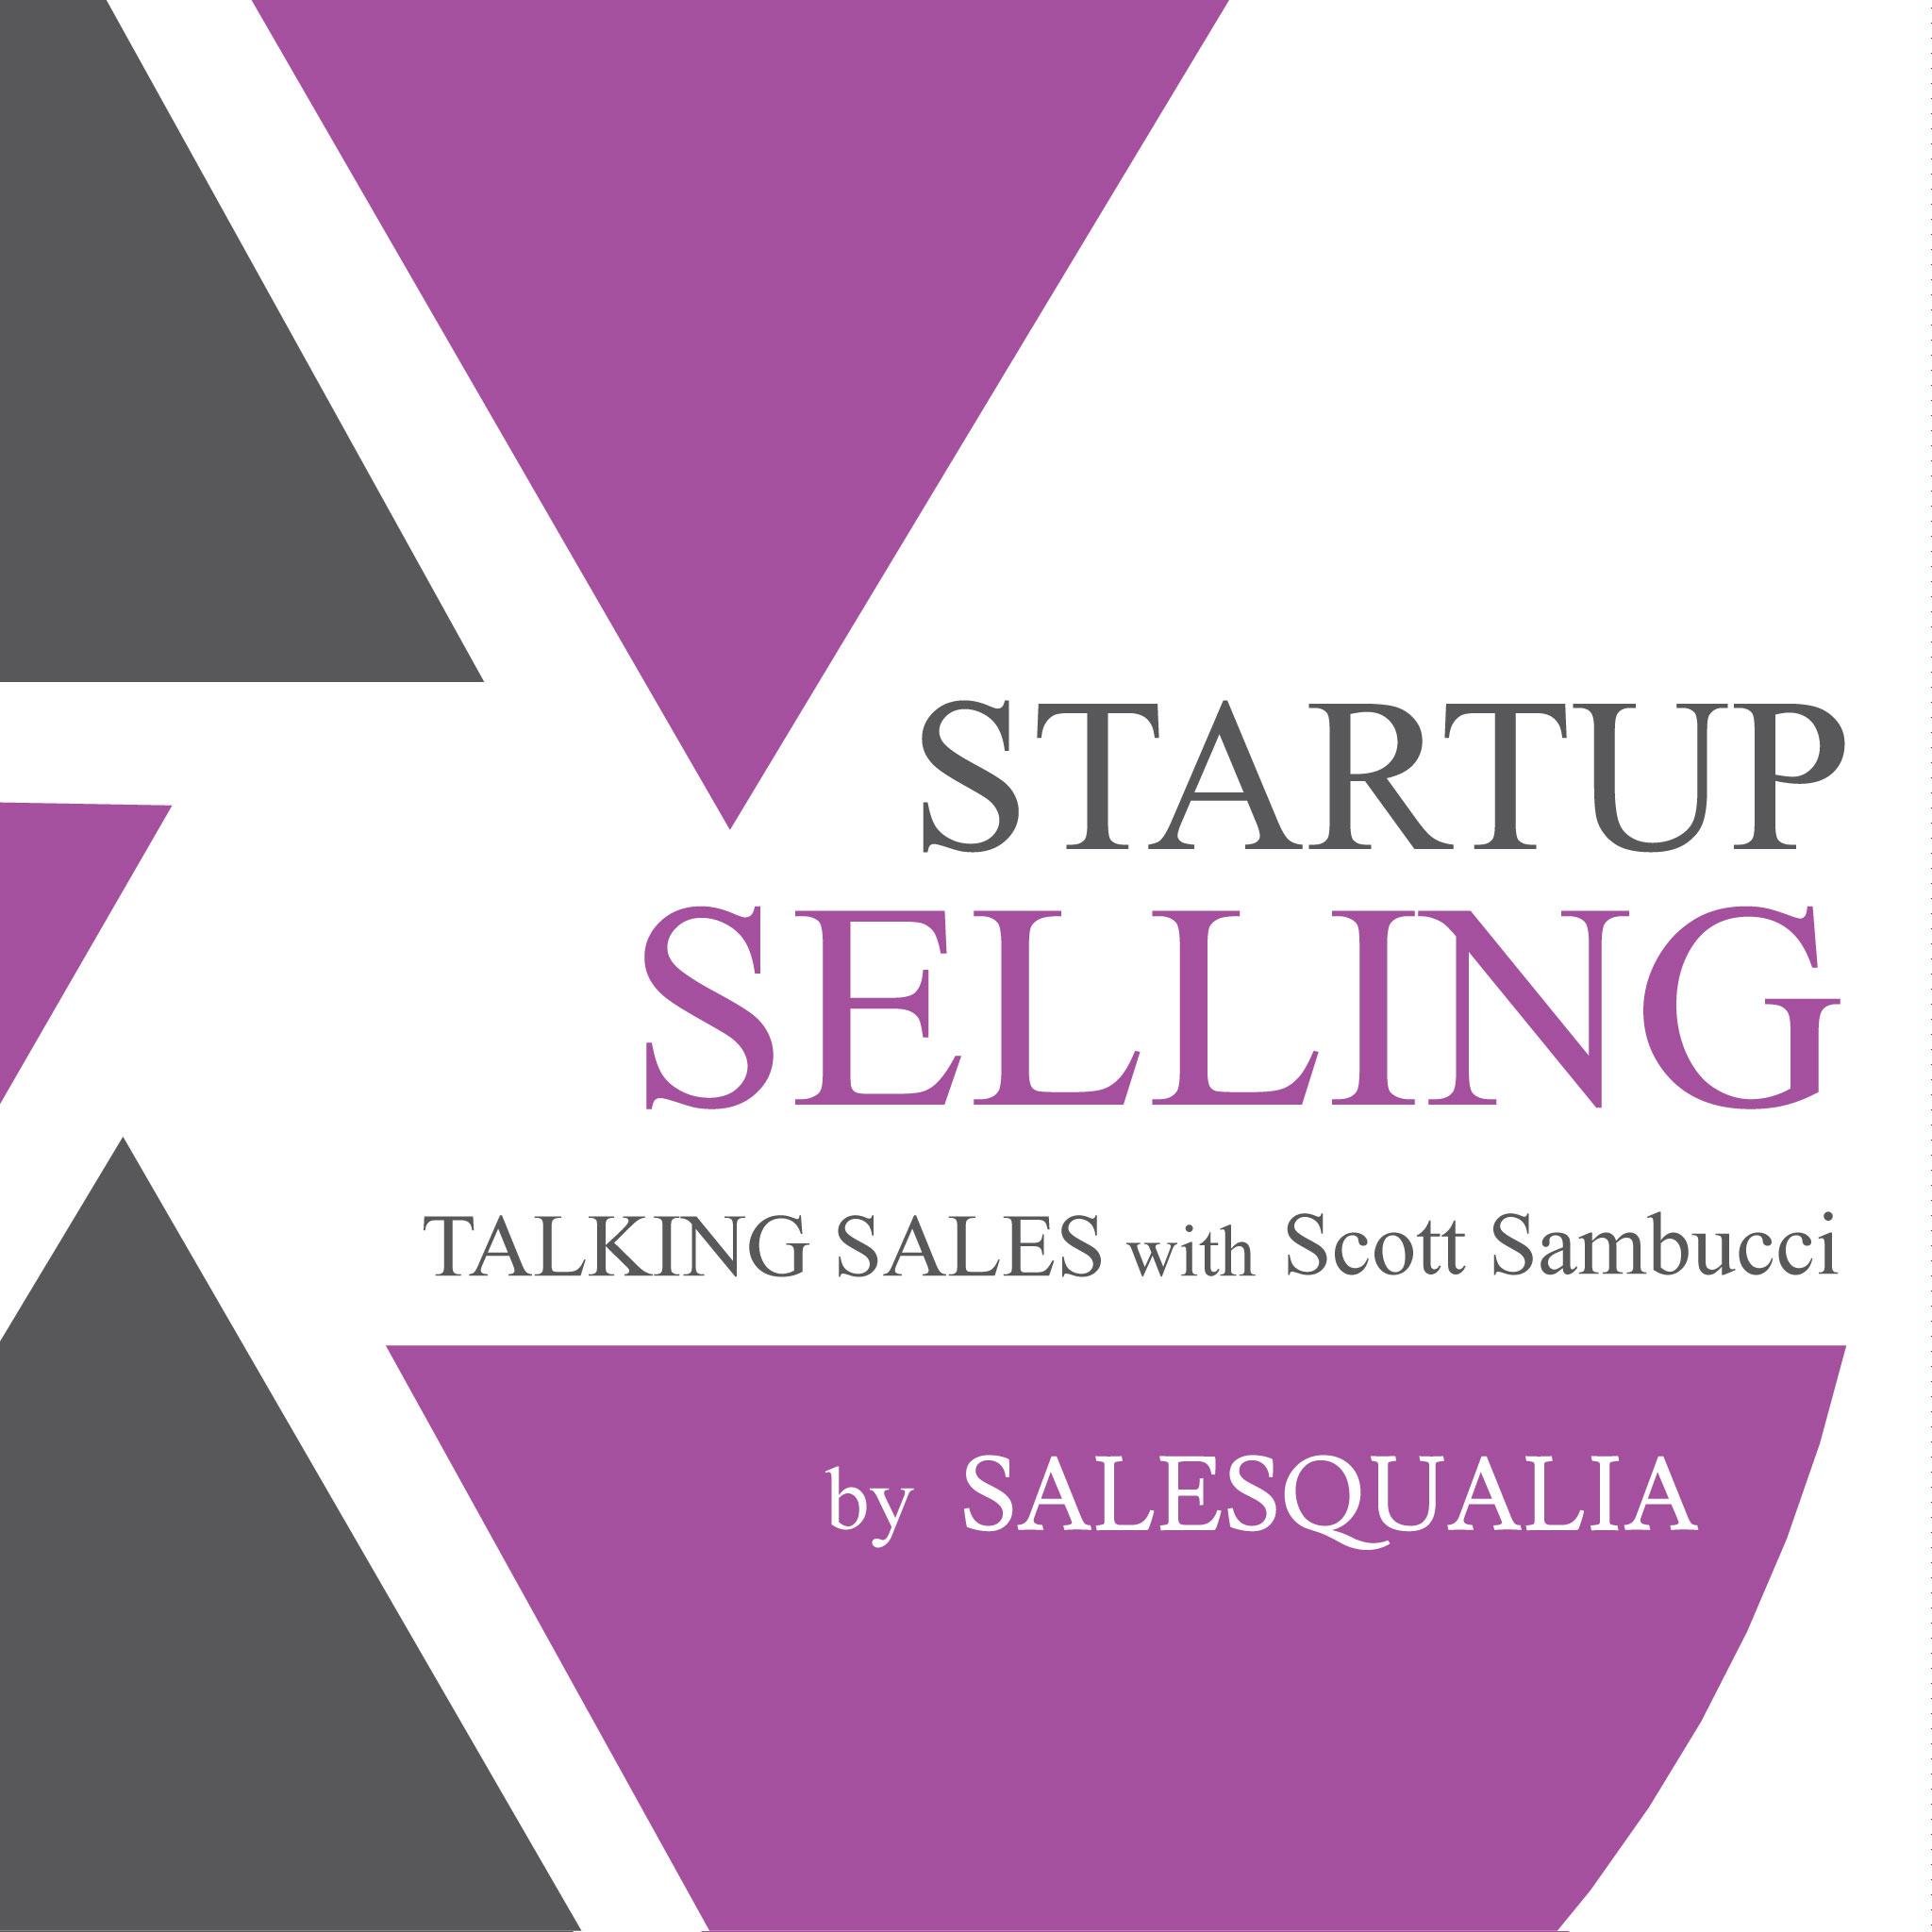 Startup Selling: Talking Sales with Scott Sambucci show art